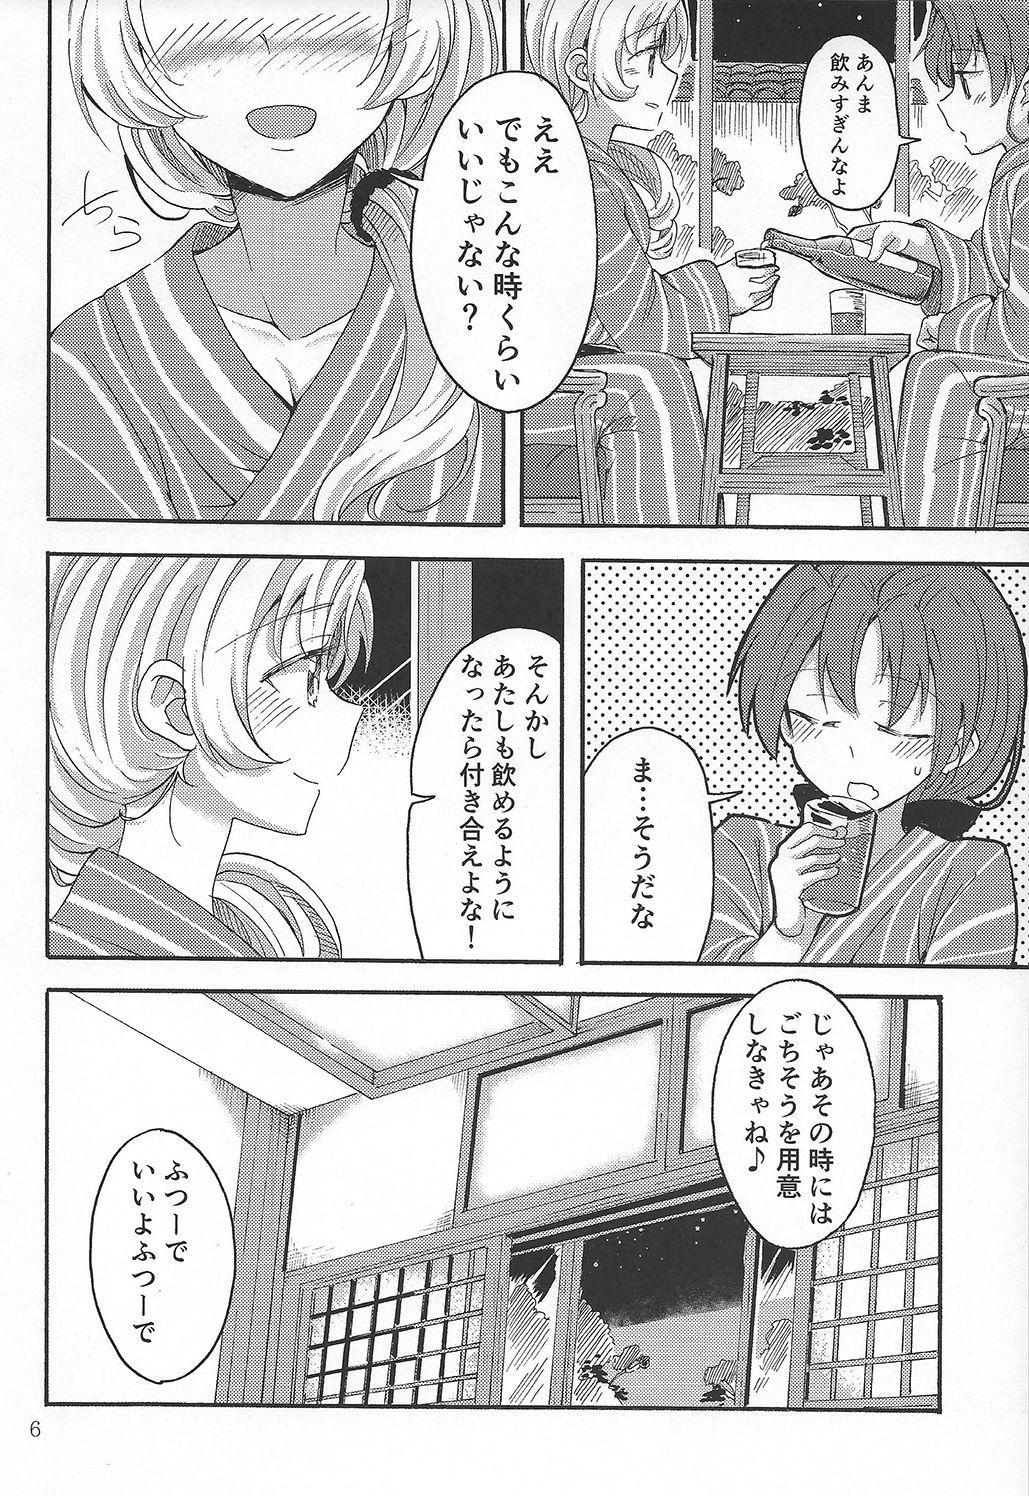 MamiAn! Seikatsu! 4 4